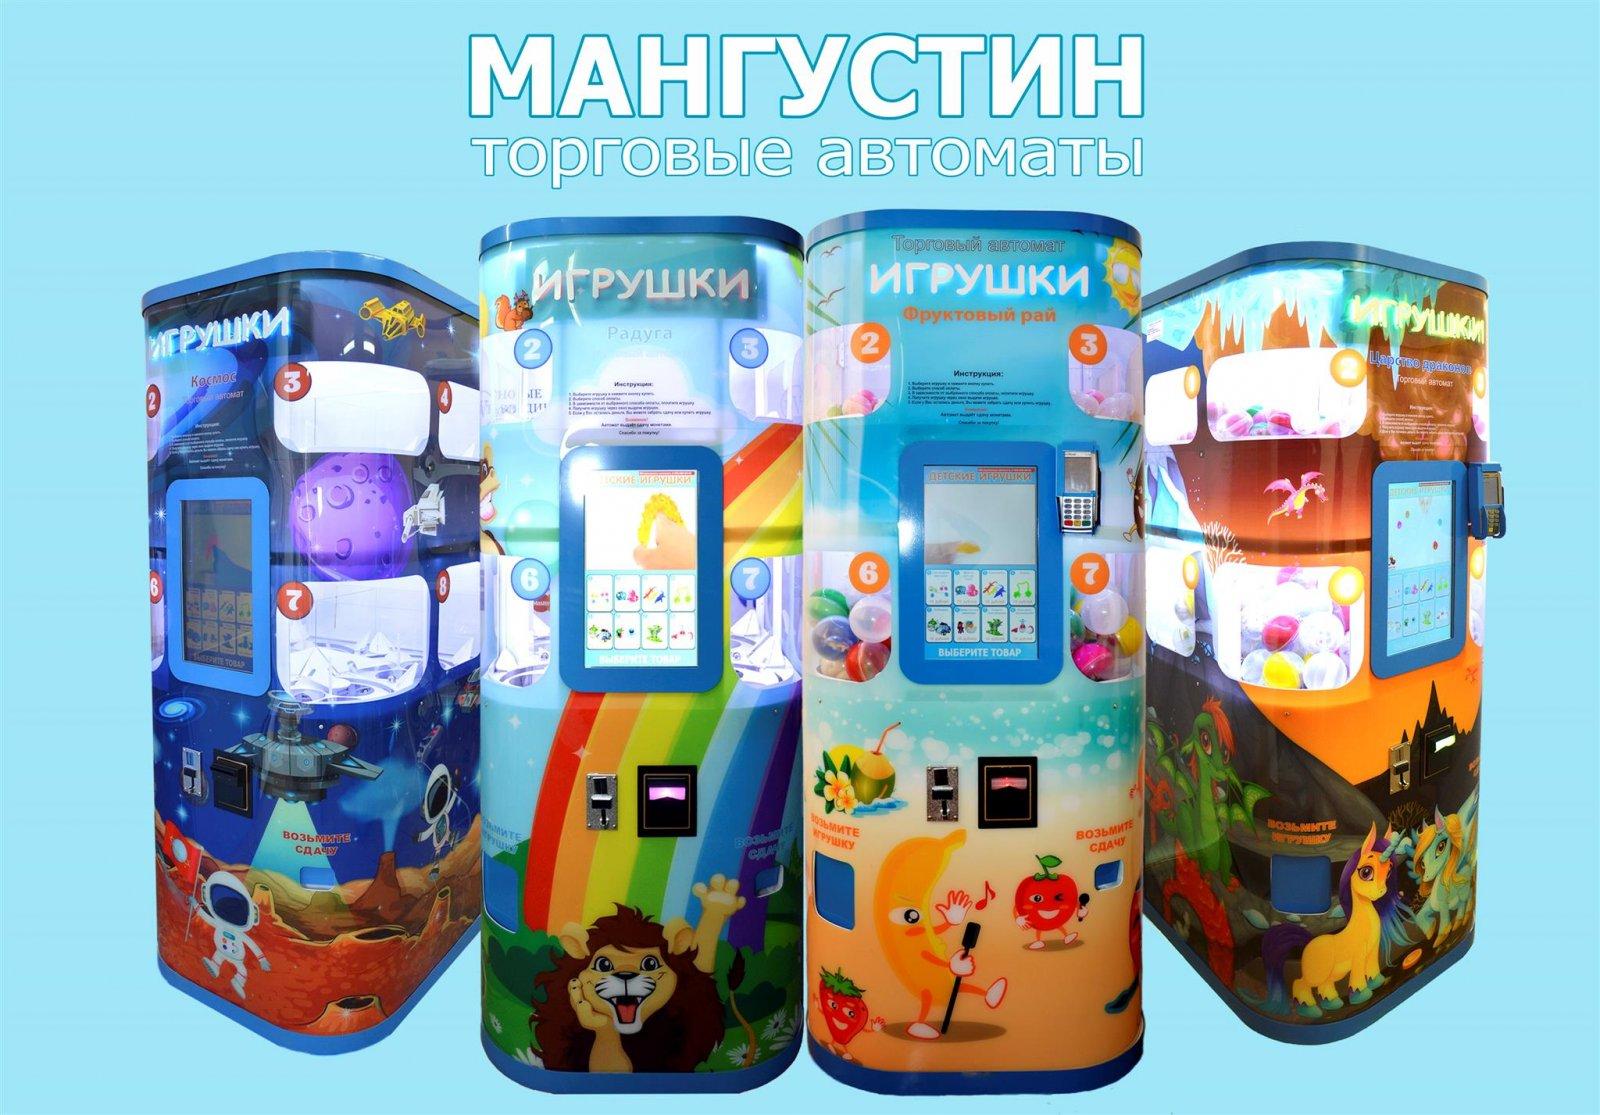 Сборная автоматов.jpg